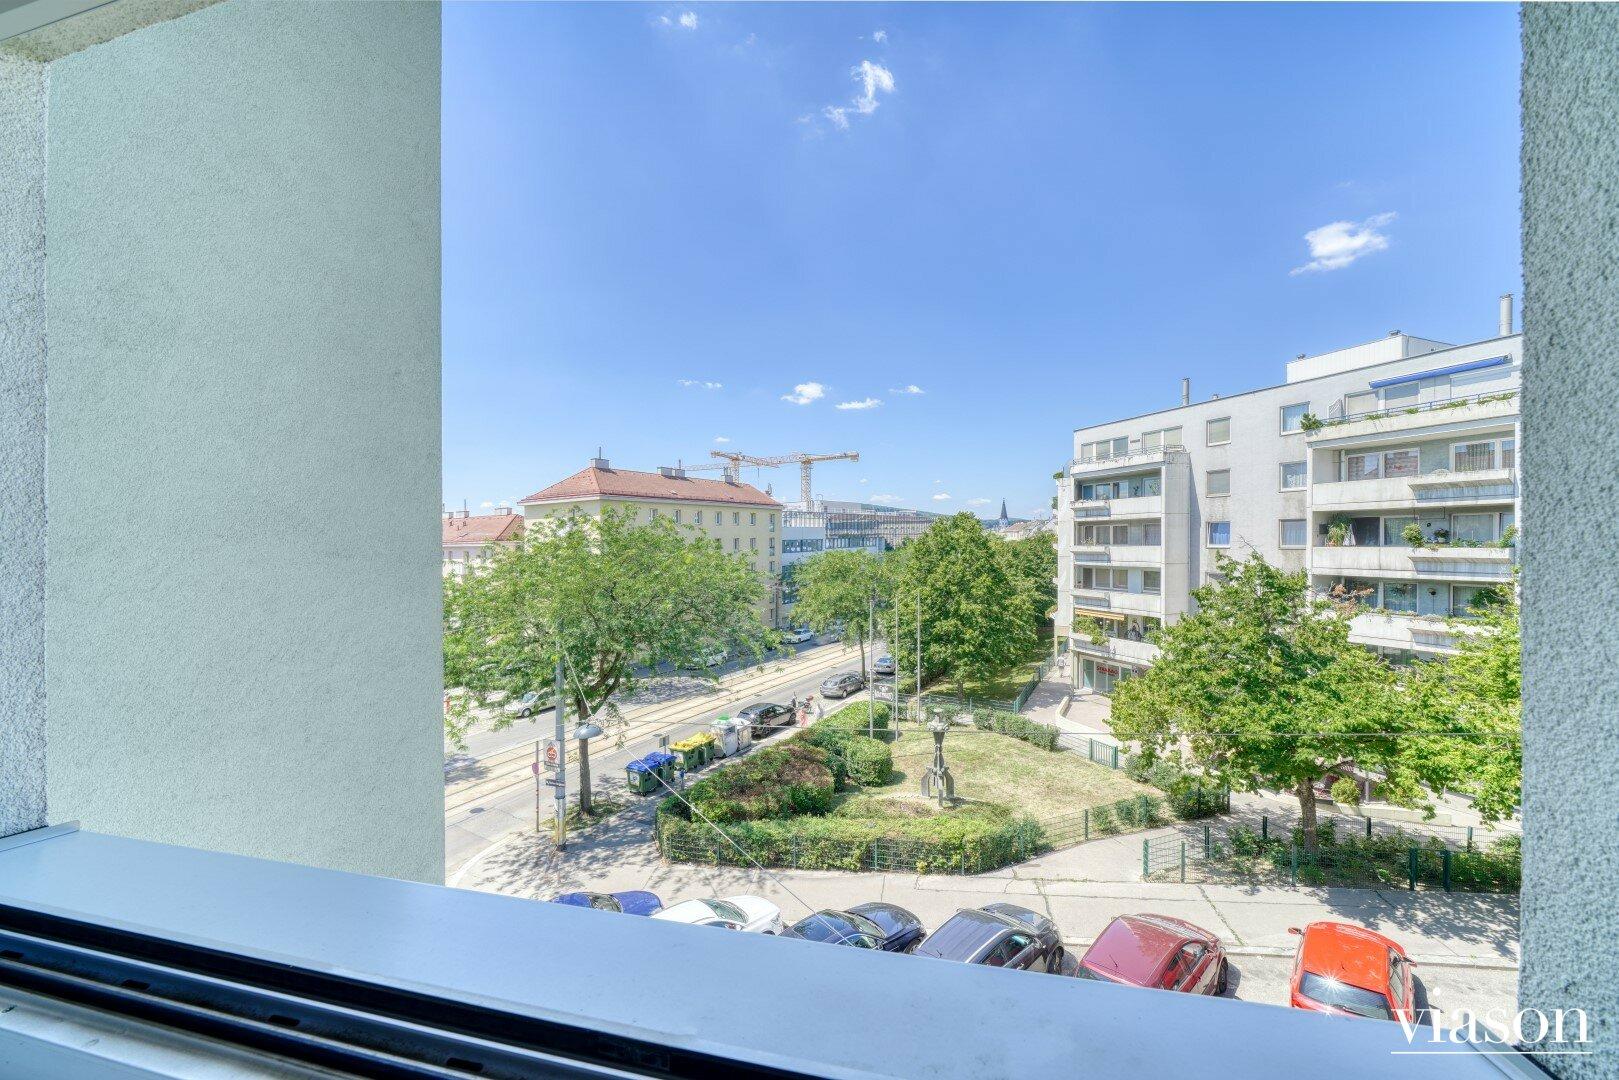 Blick aus dem Fenster Richtung Moßbachergasse